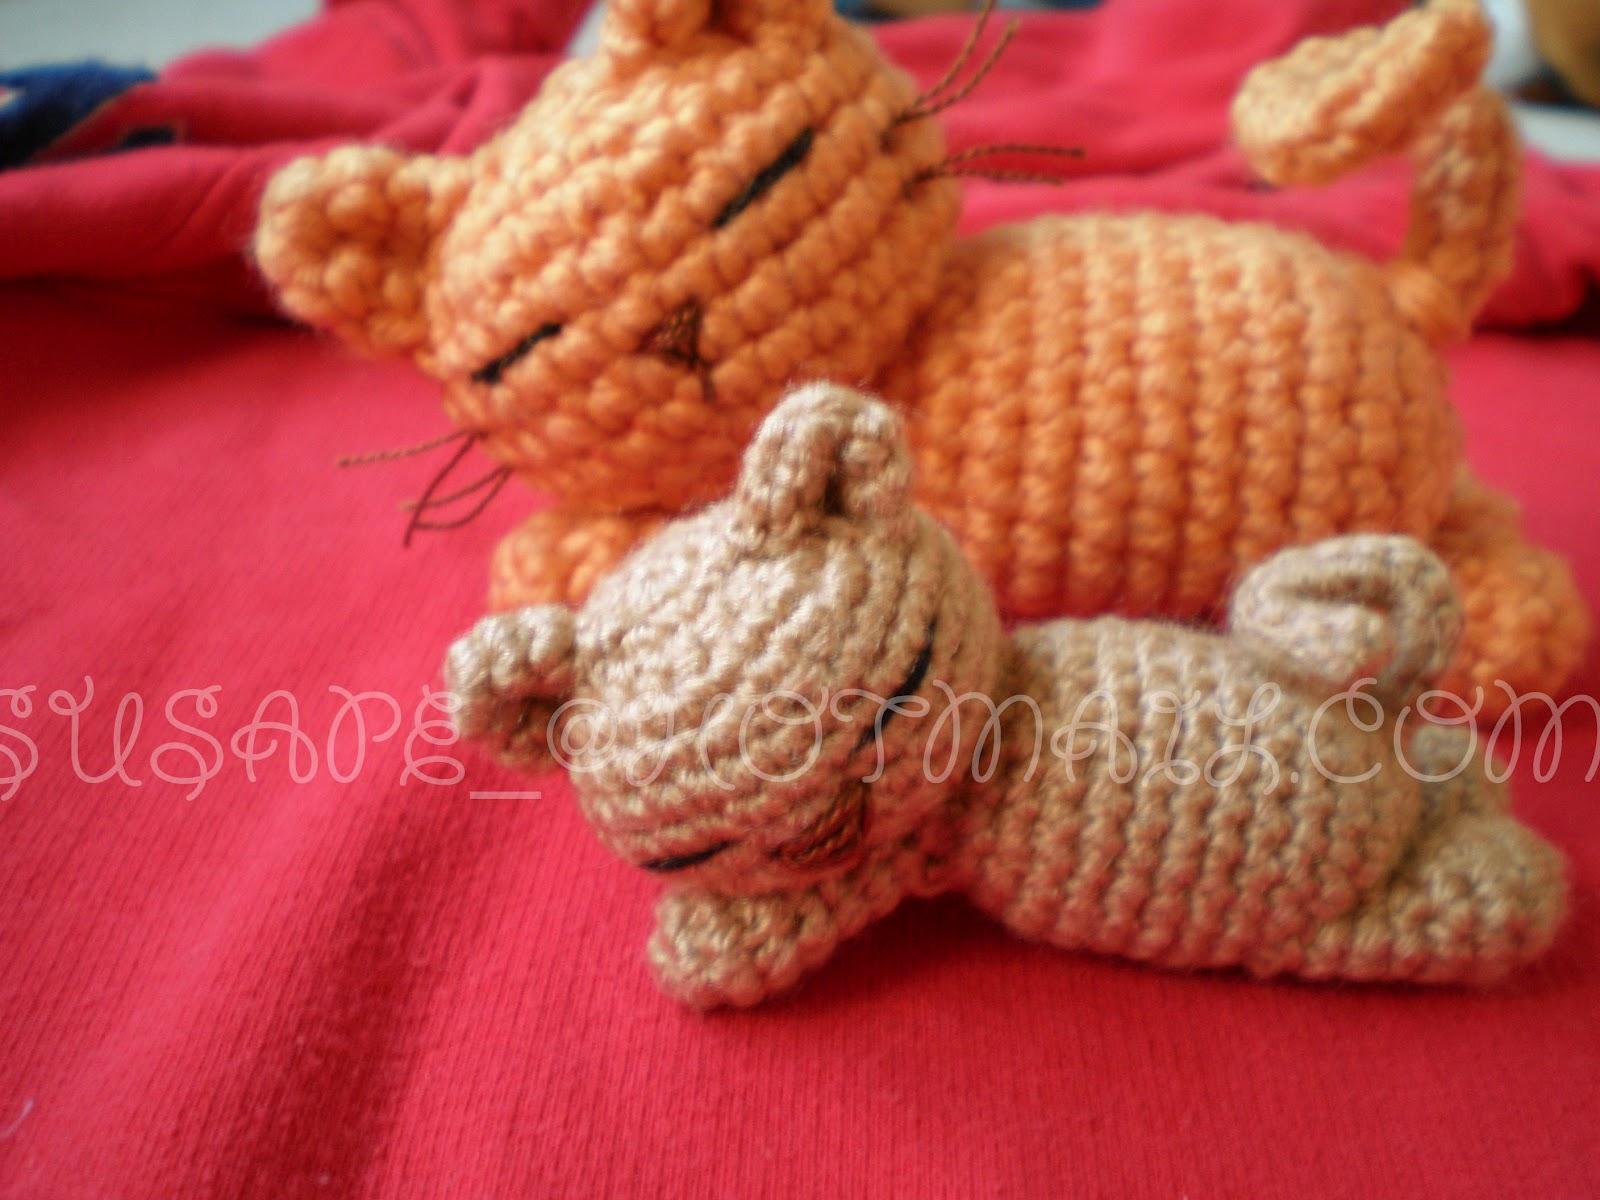 Susana mis amigurumis: Mis gatitos de crochet